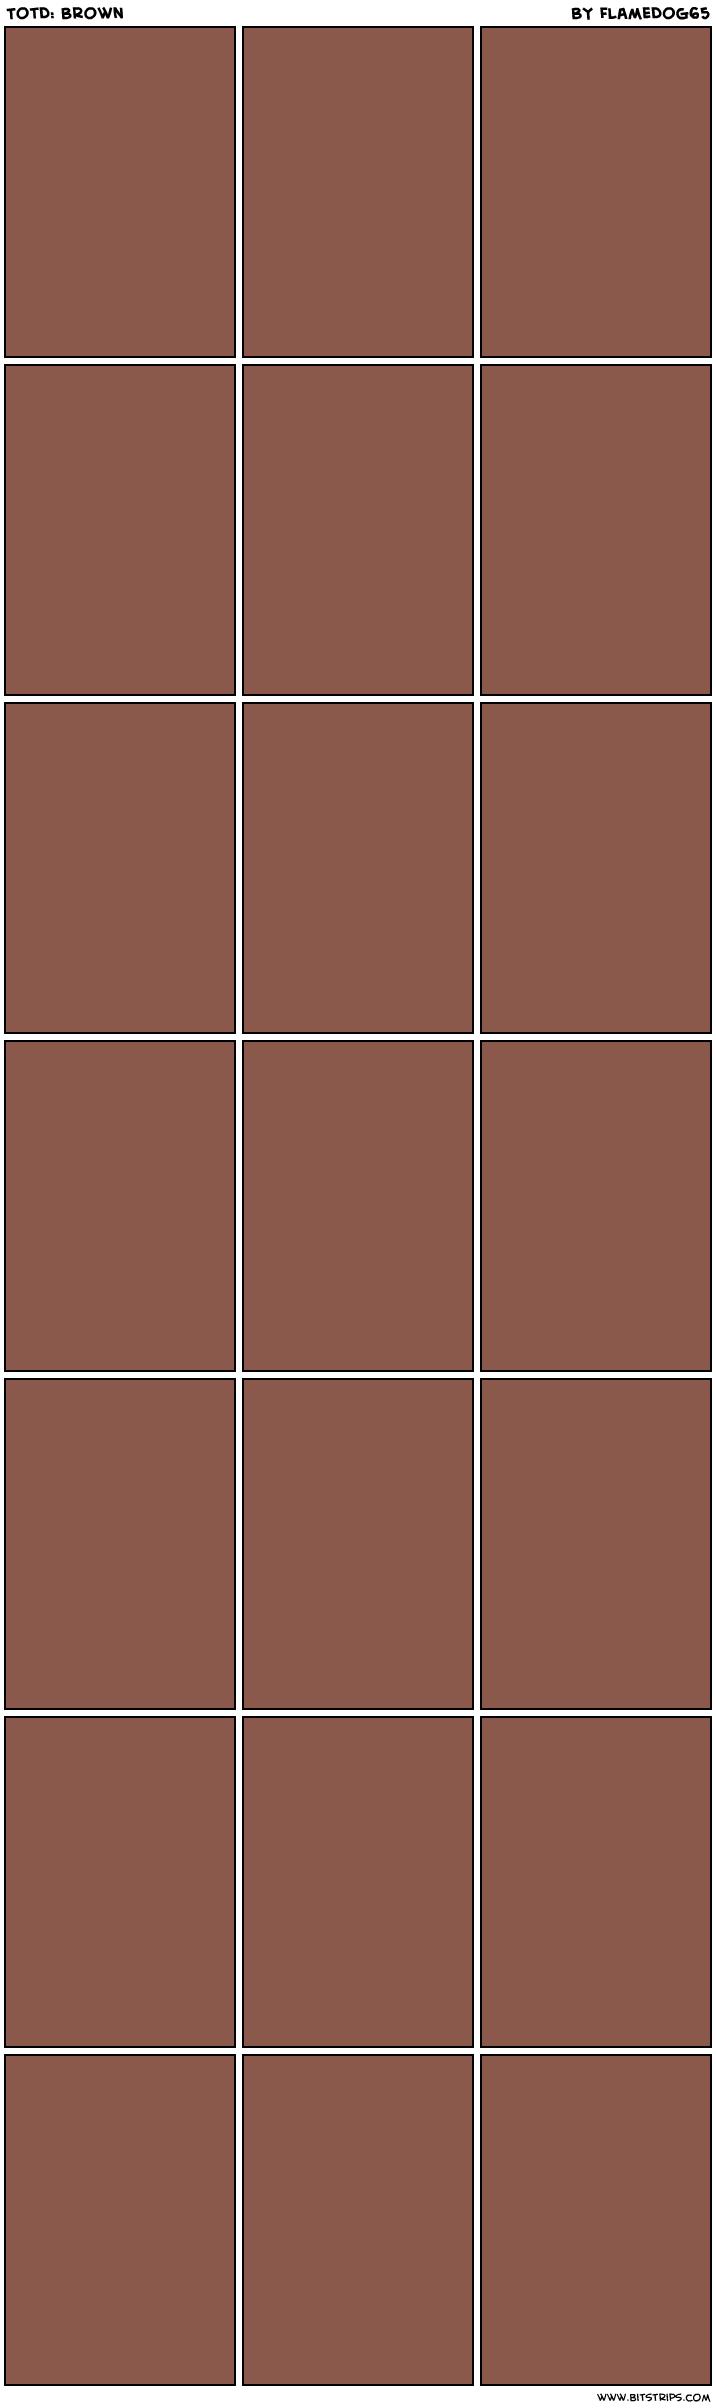 TotD: Brown